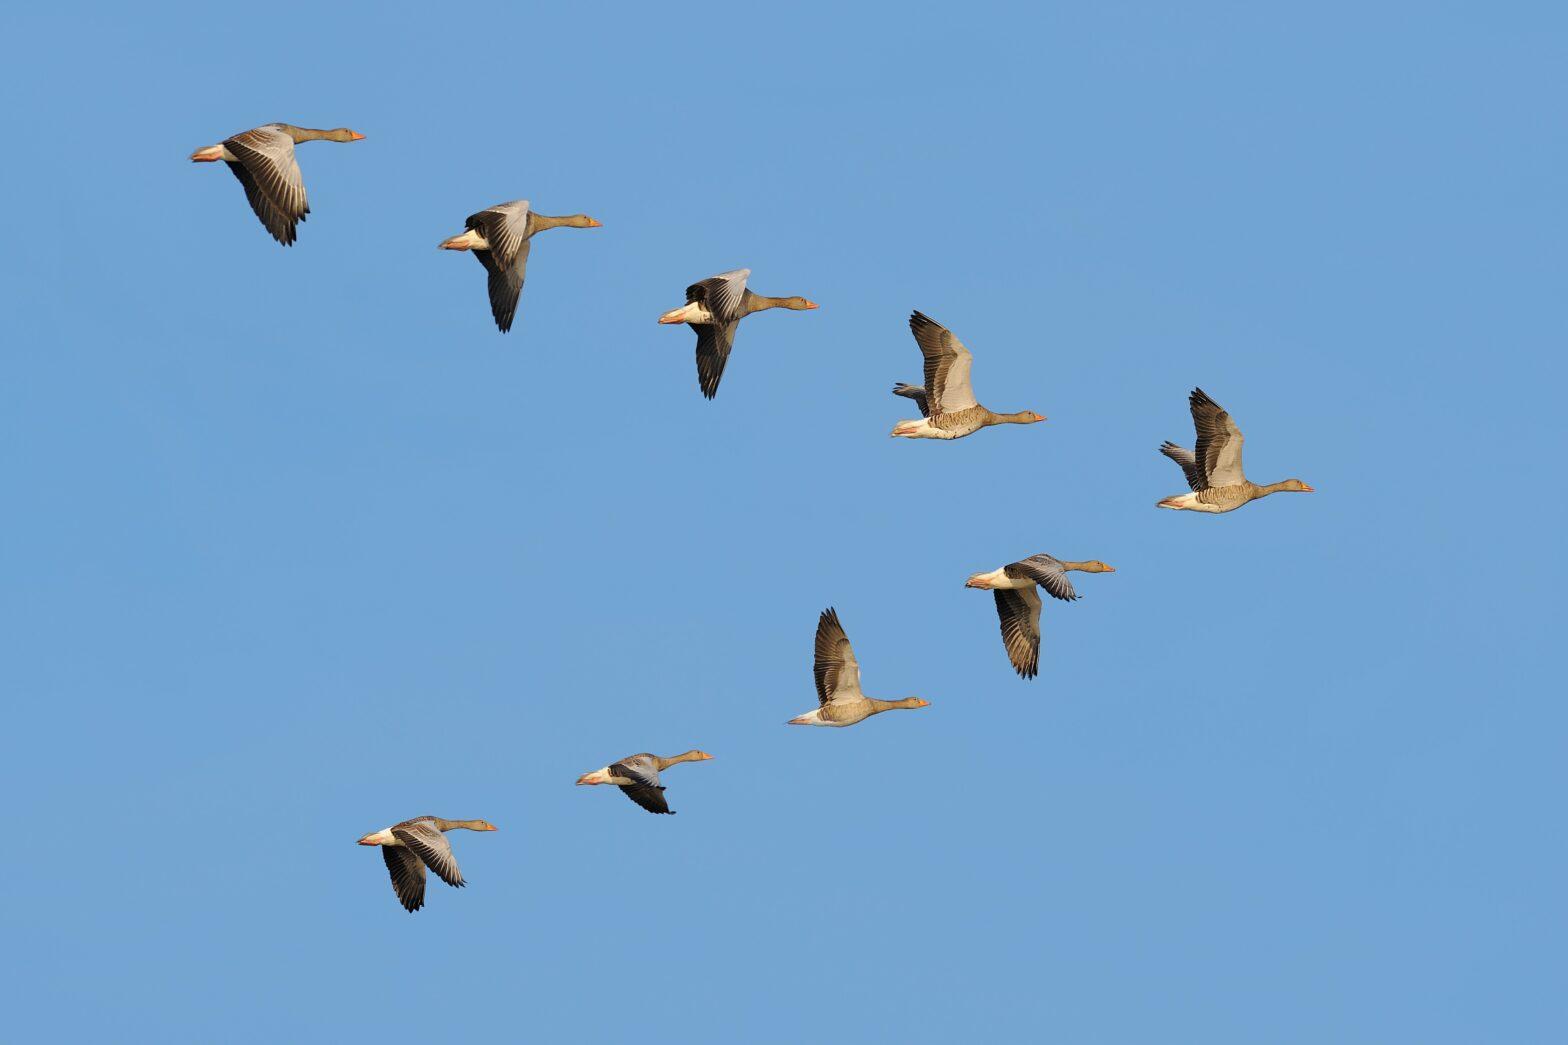 Im Schwarm: Was Führungskultur mit Zugvögeln zu tun hat